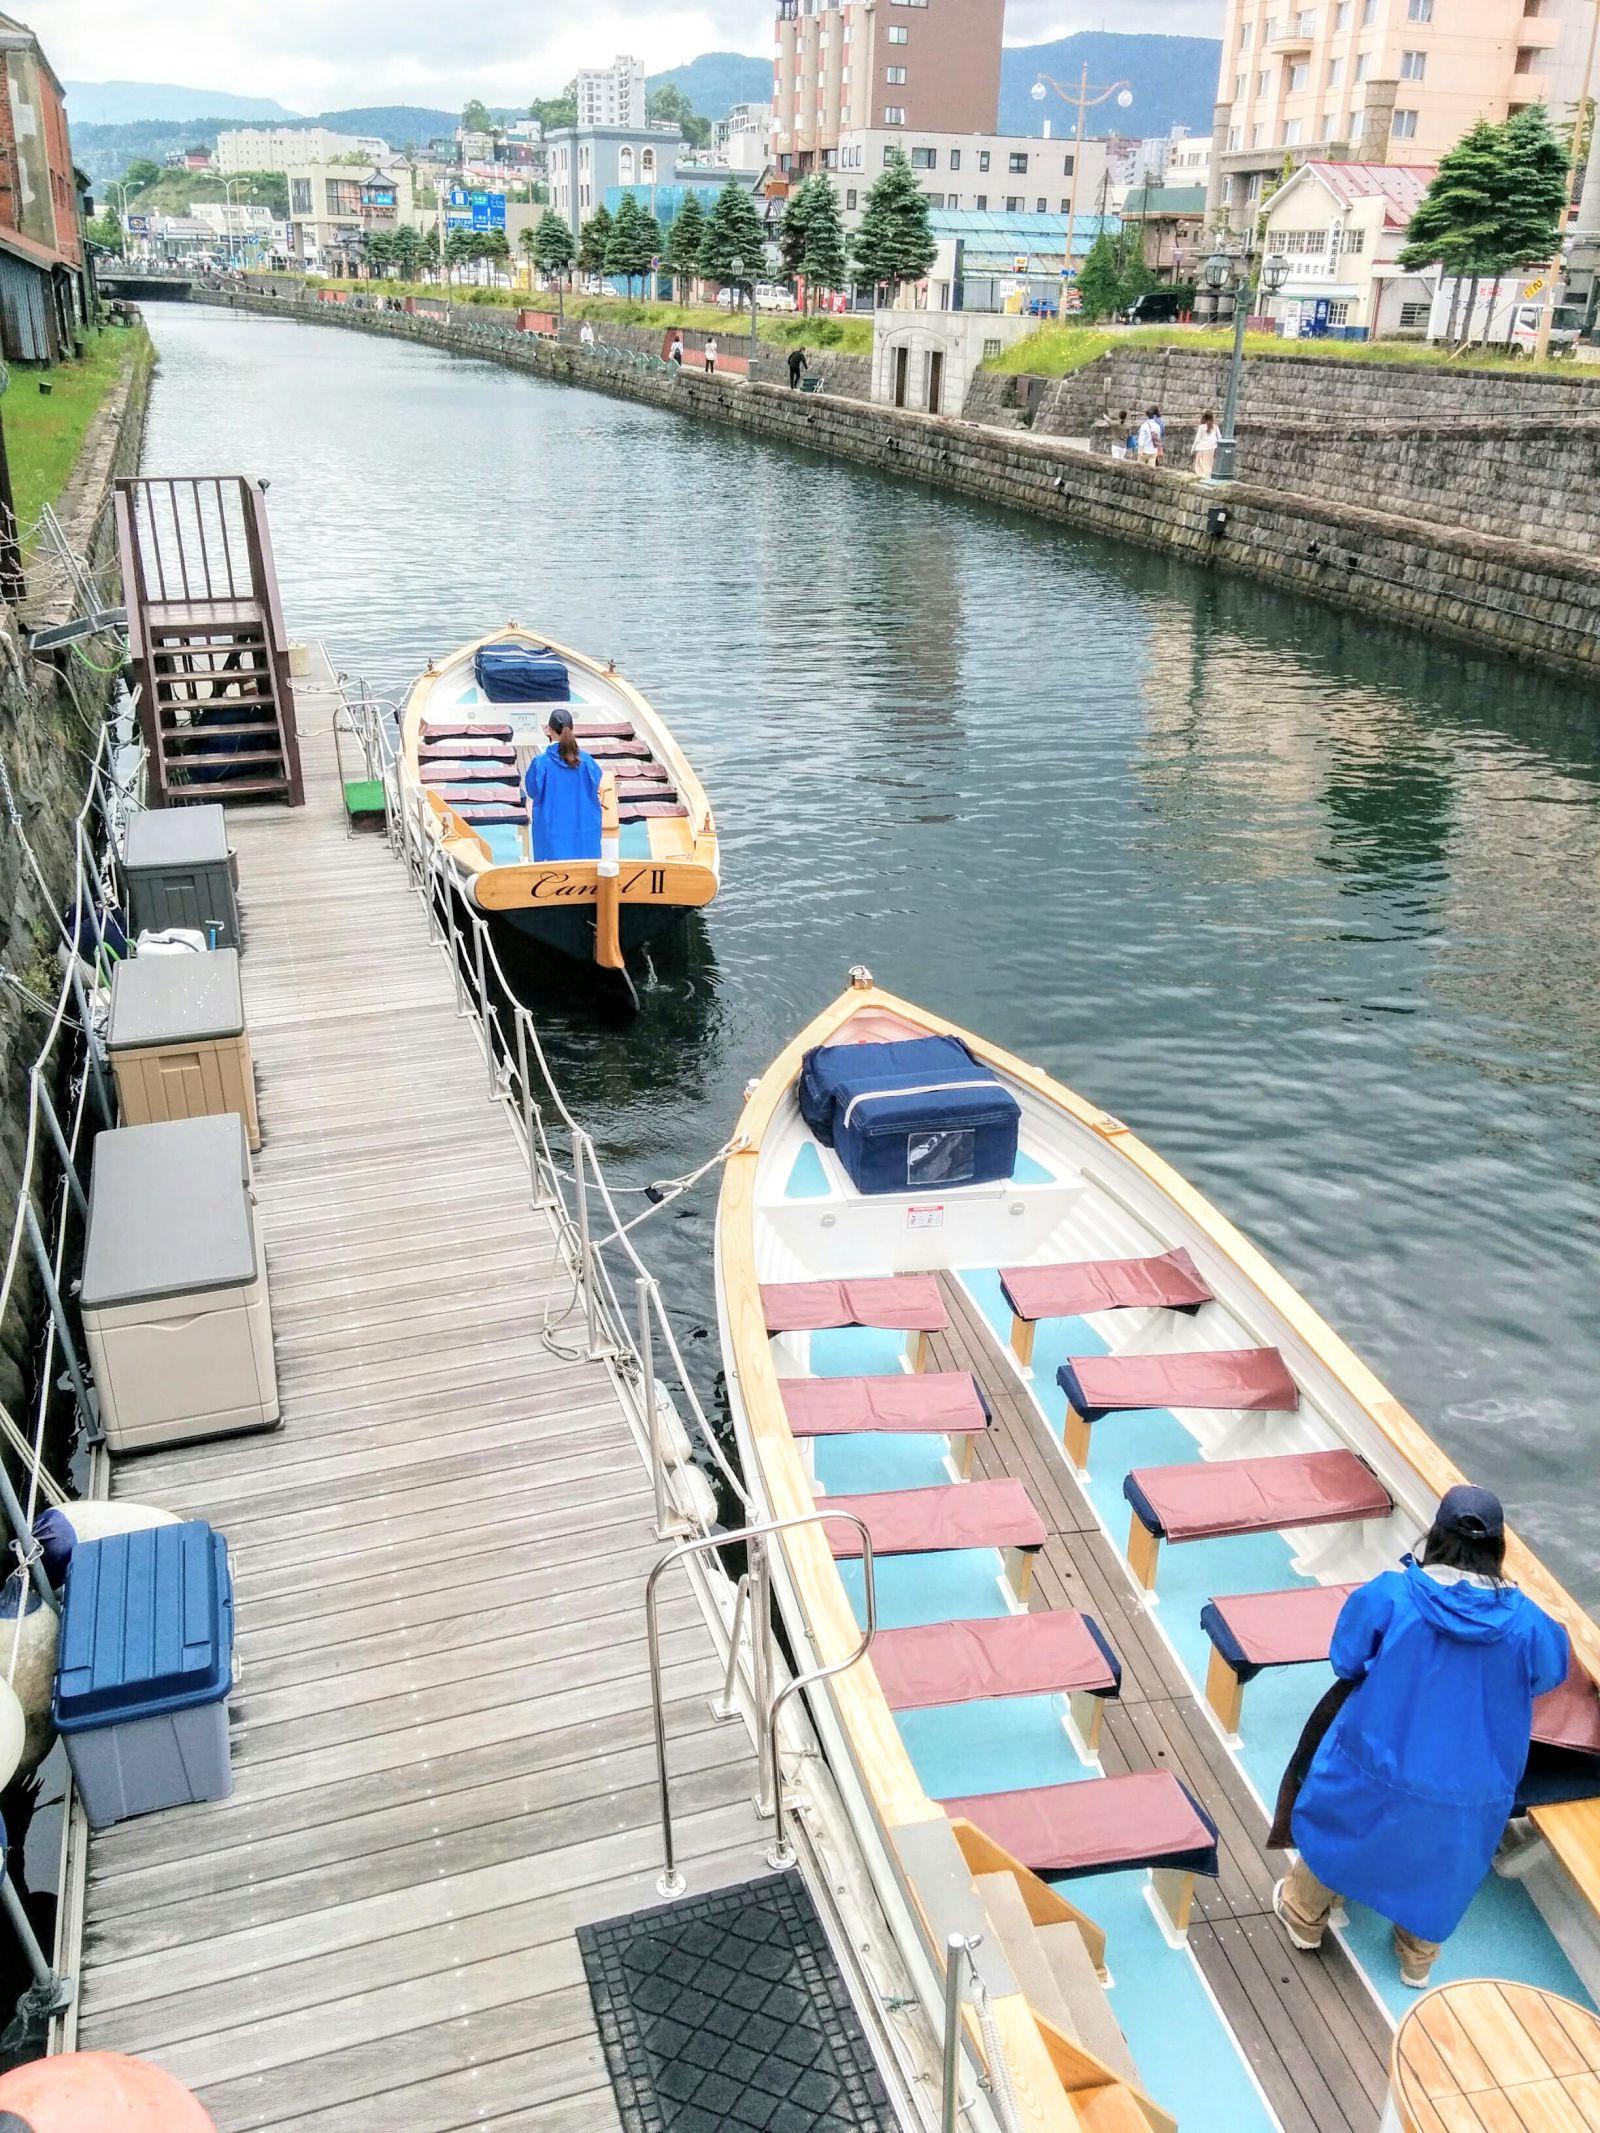 【小樽観光タクシー】小樽運河クルーズ船観光案内です。